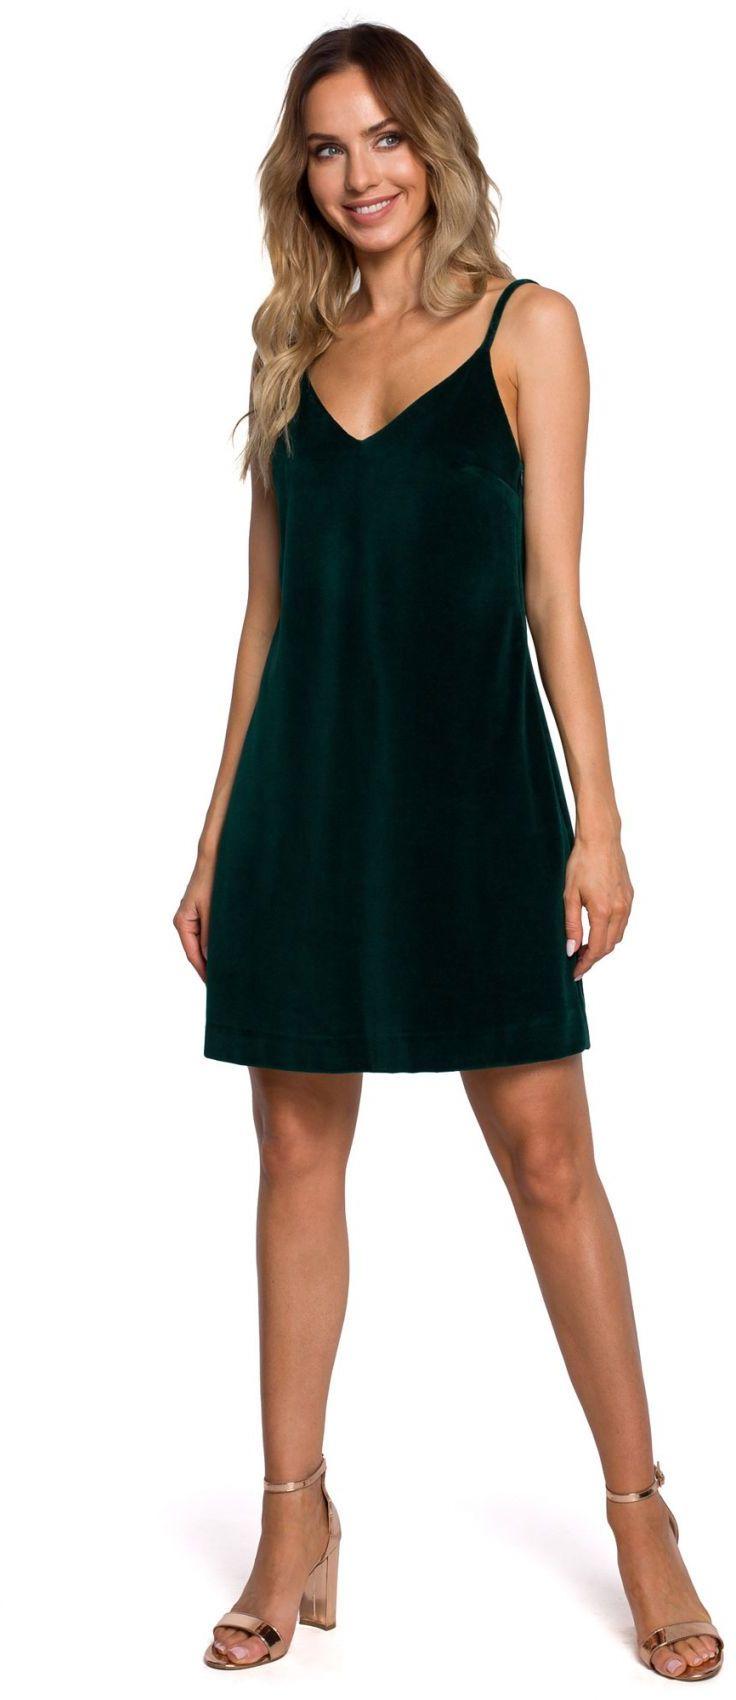 M560 Welurowa Sukienka Mini Na Ramiączkach - zielona